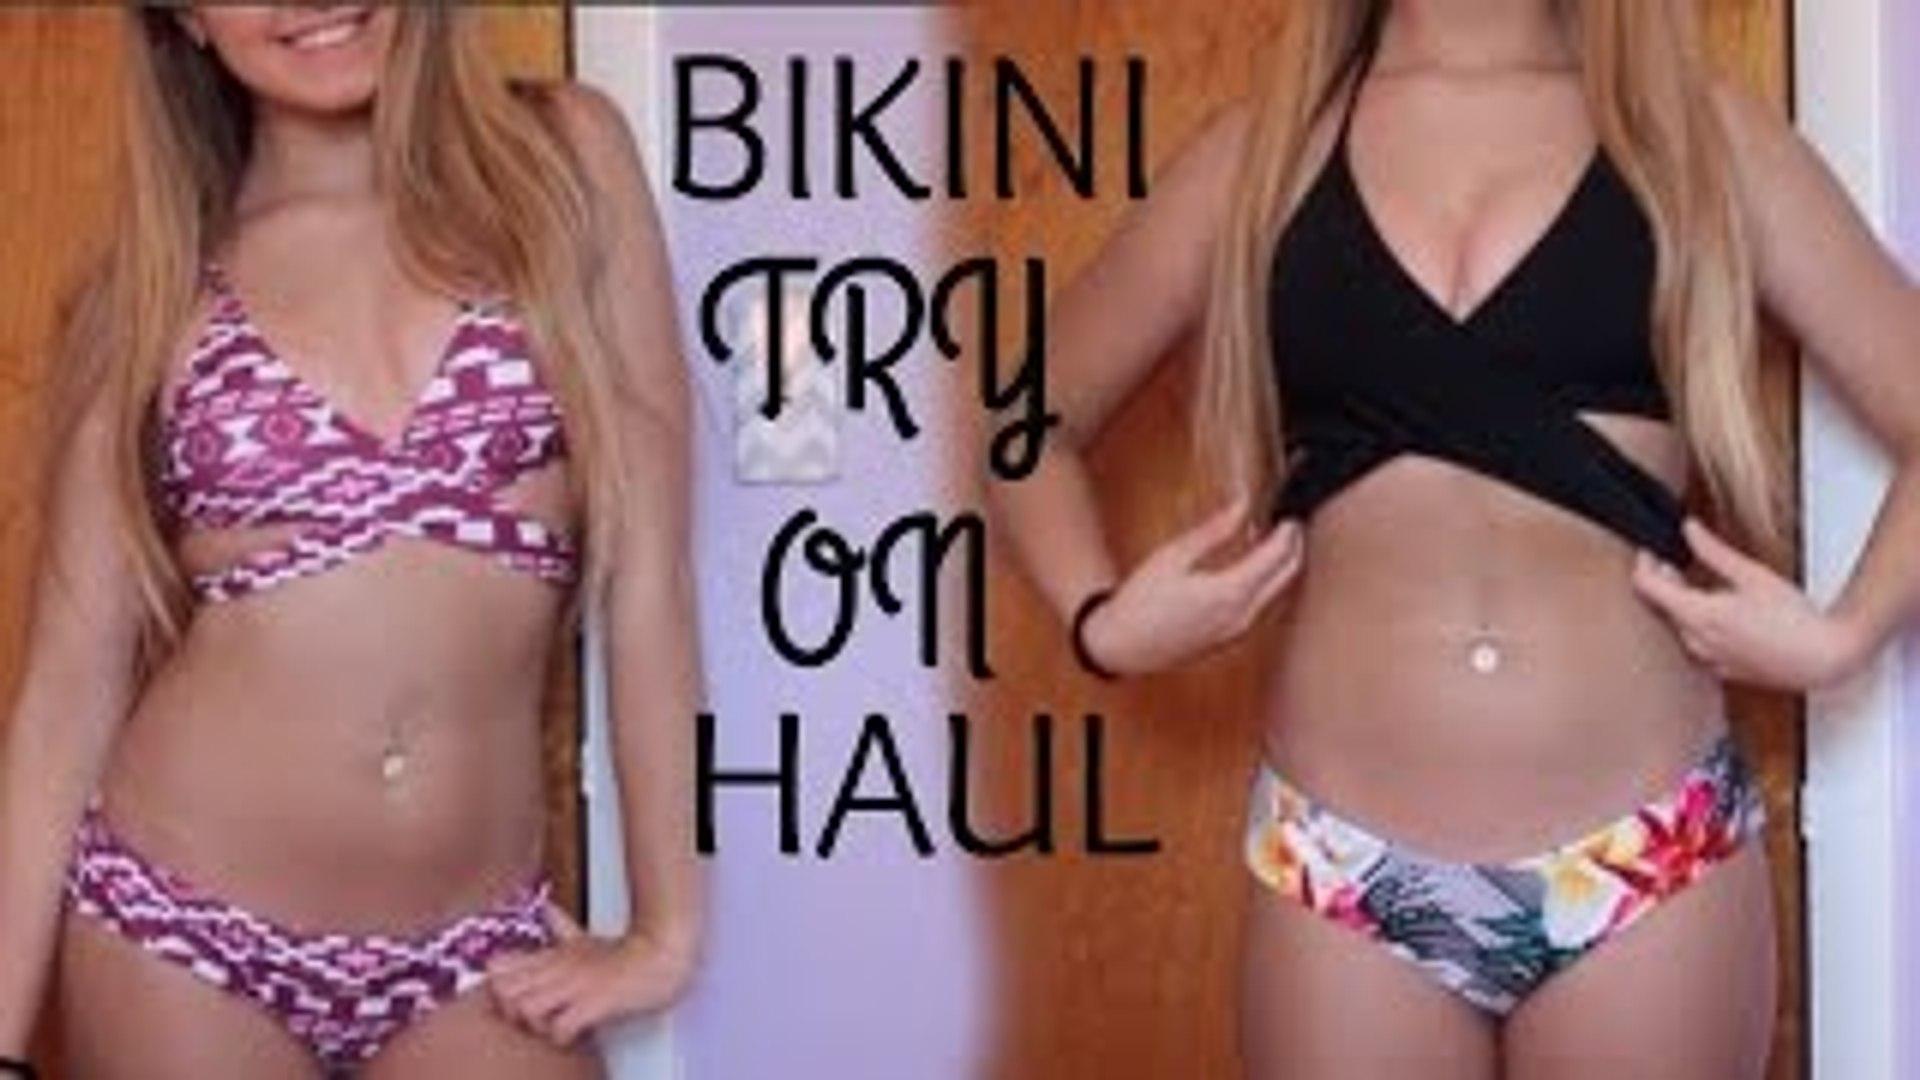 értékesít forró új termékek olcsó eladó AFFORDABLE BIKINI TRY ON HAUL! - video dailymotion